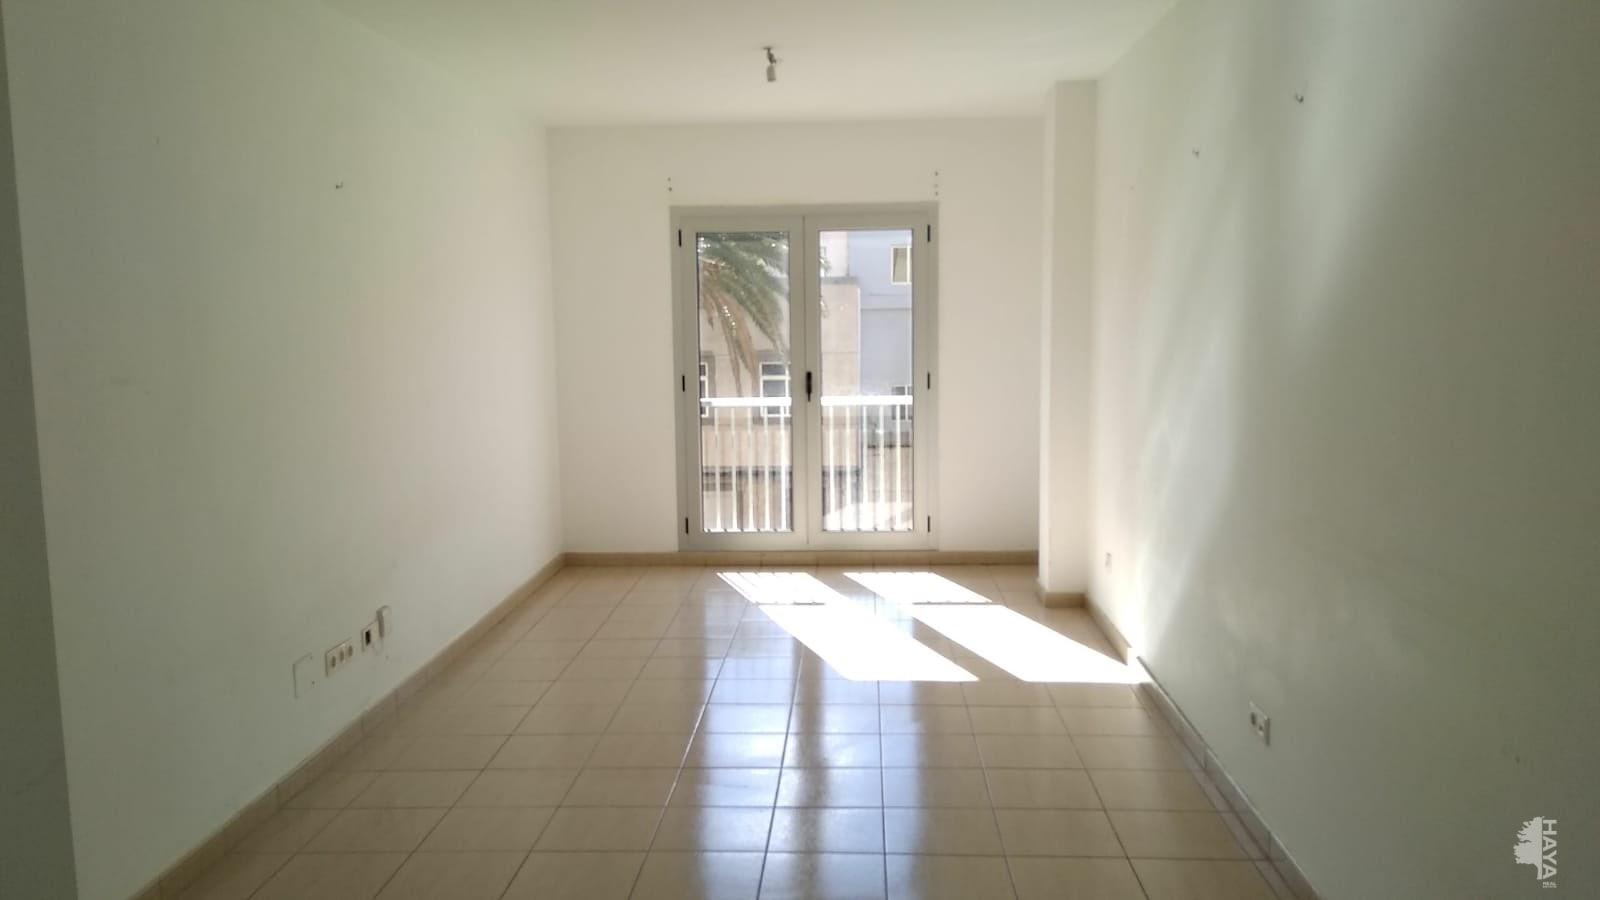 Piso en venta en Santa Lucía de Tirajana, Las Palmas, Calle Delicias, 89.000 €, 3 habitaciones, 1 baño, 131 m2